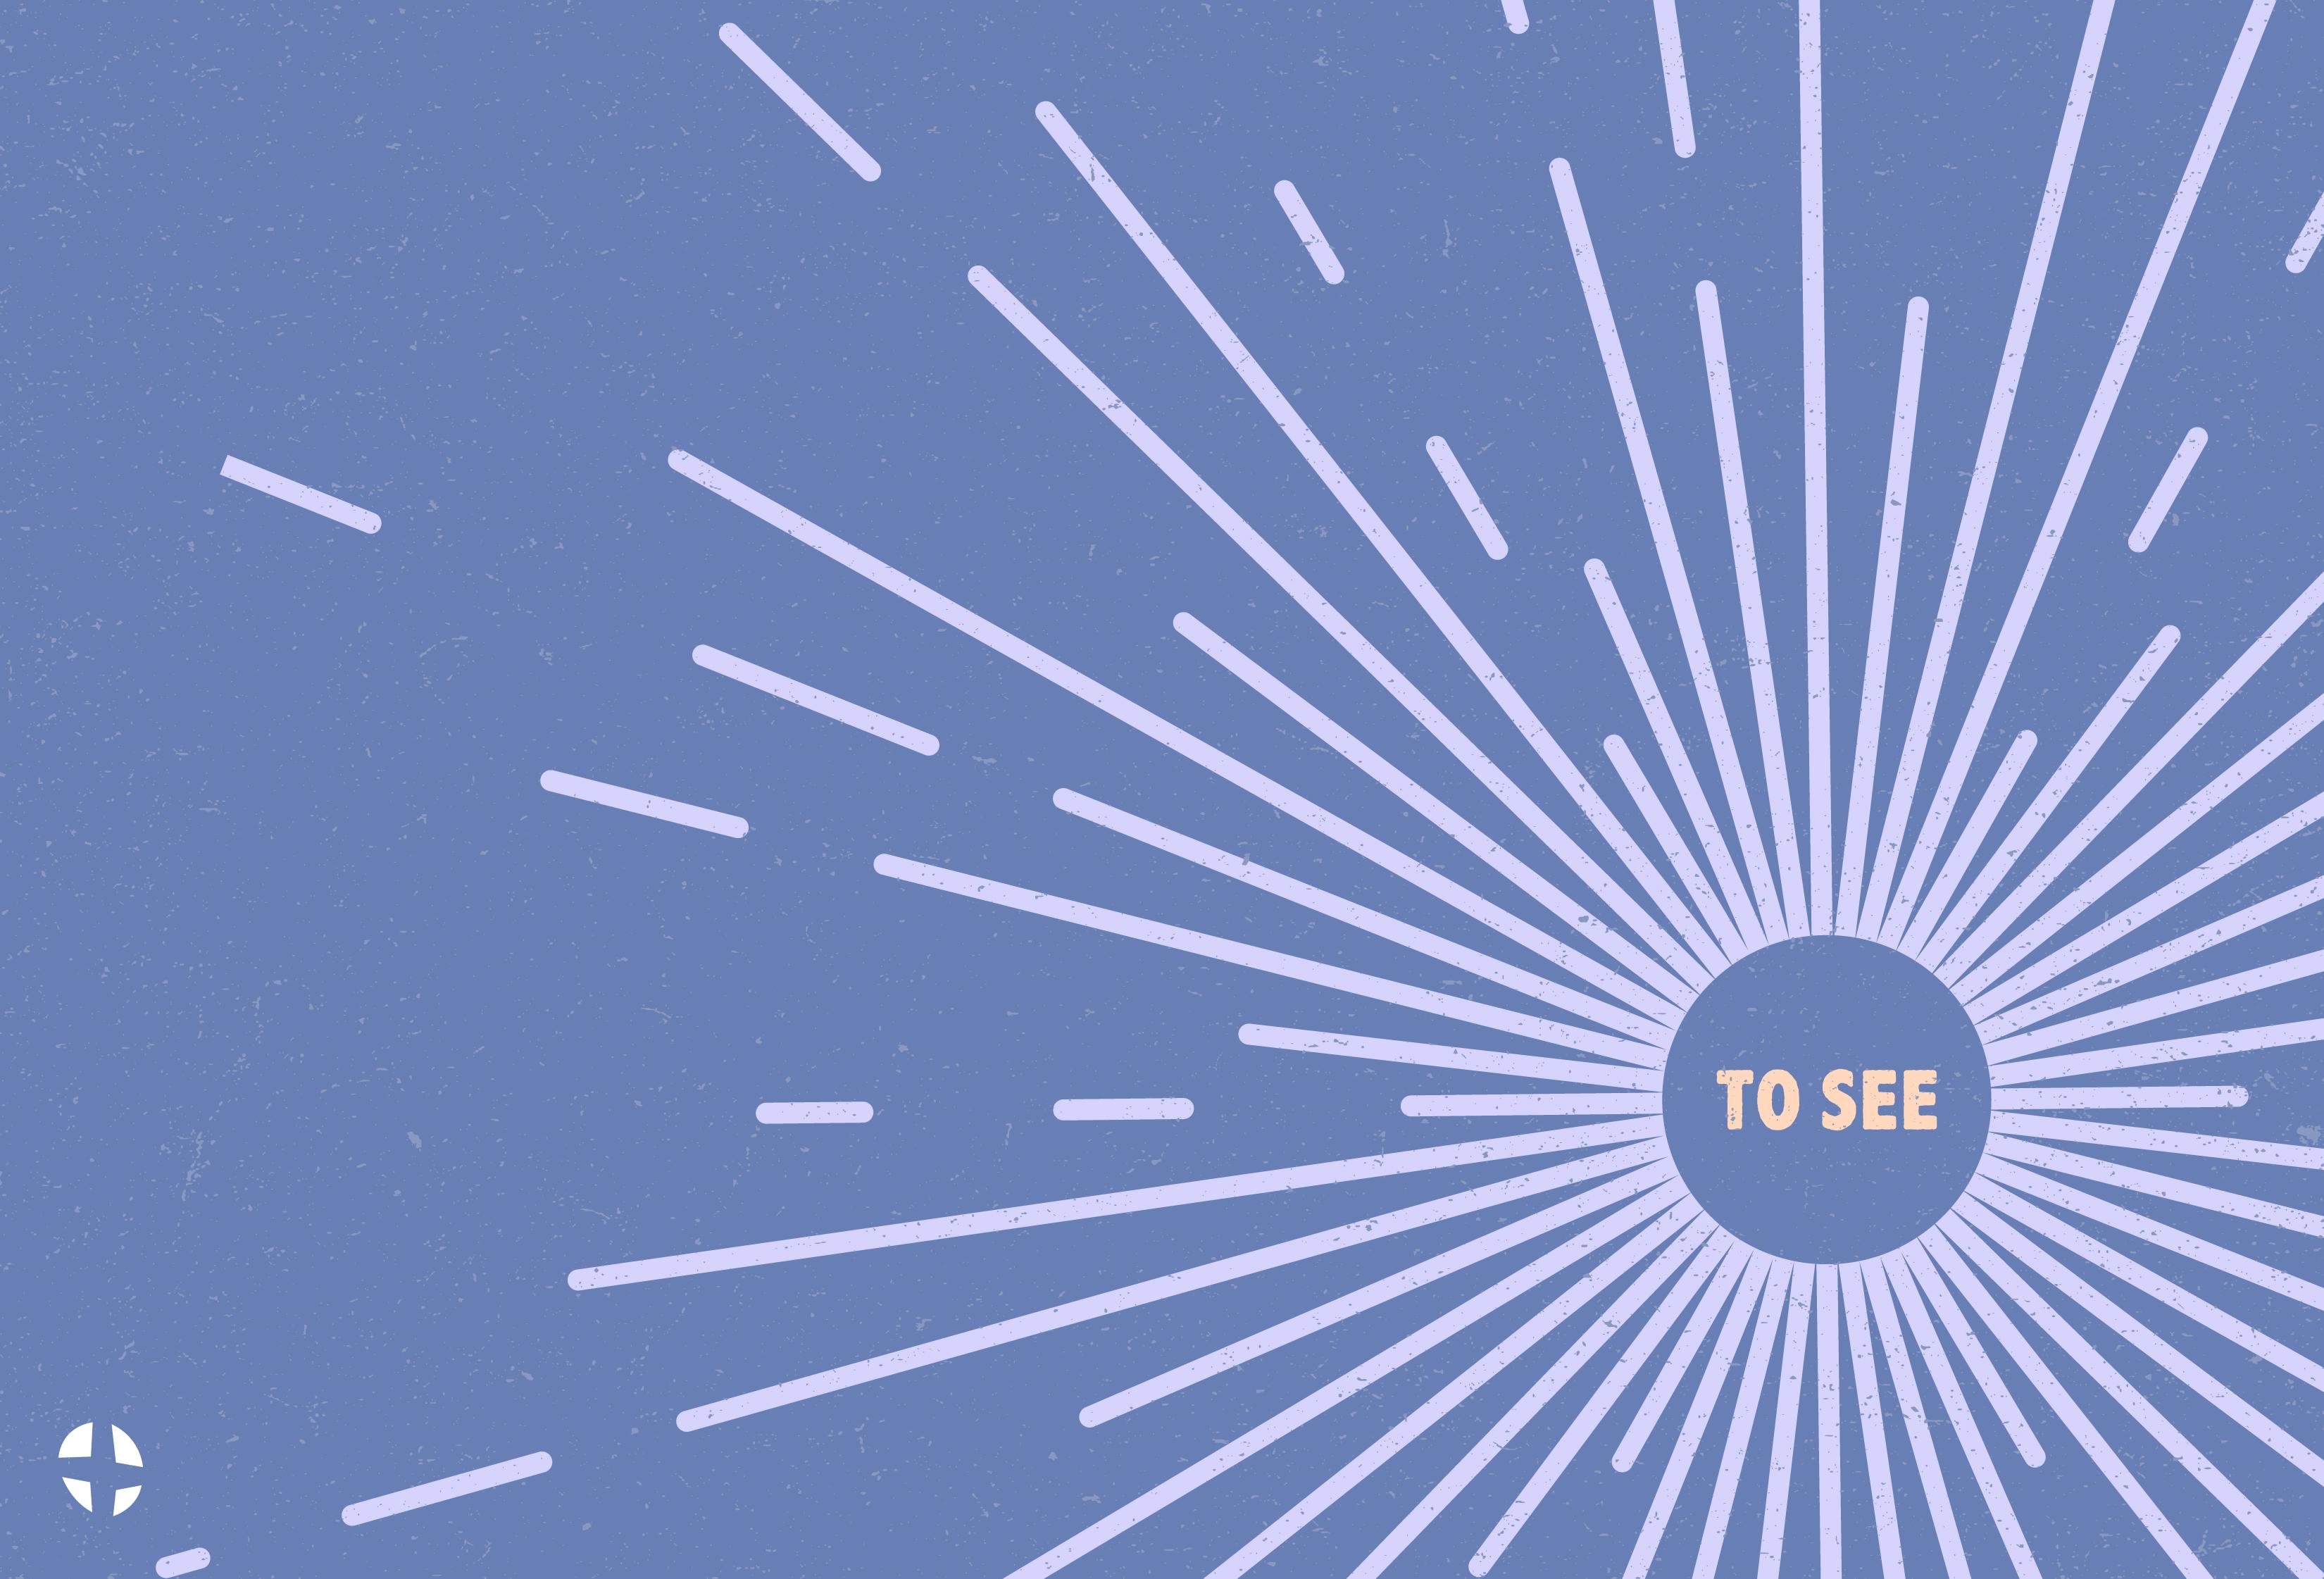 sermonseries-tosee-v2-01.jpg